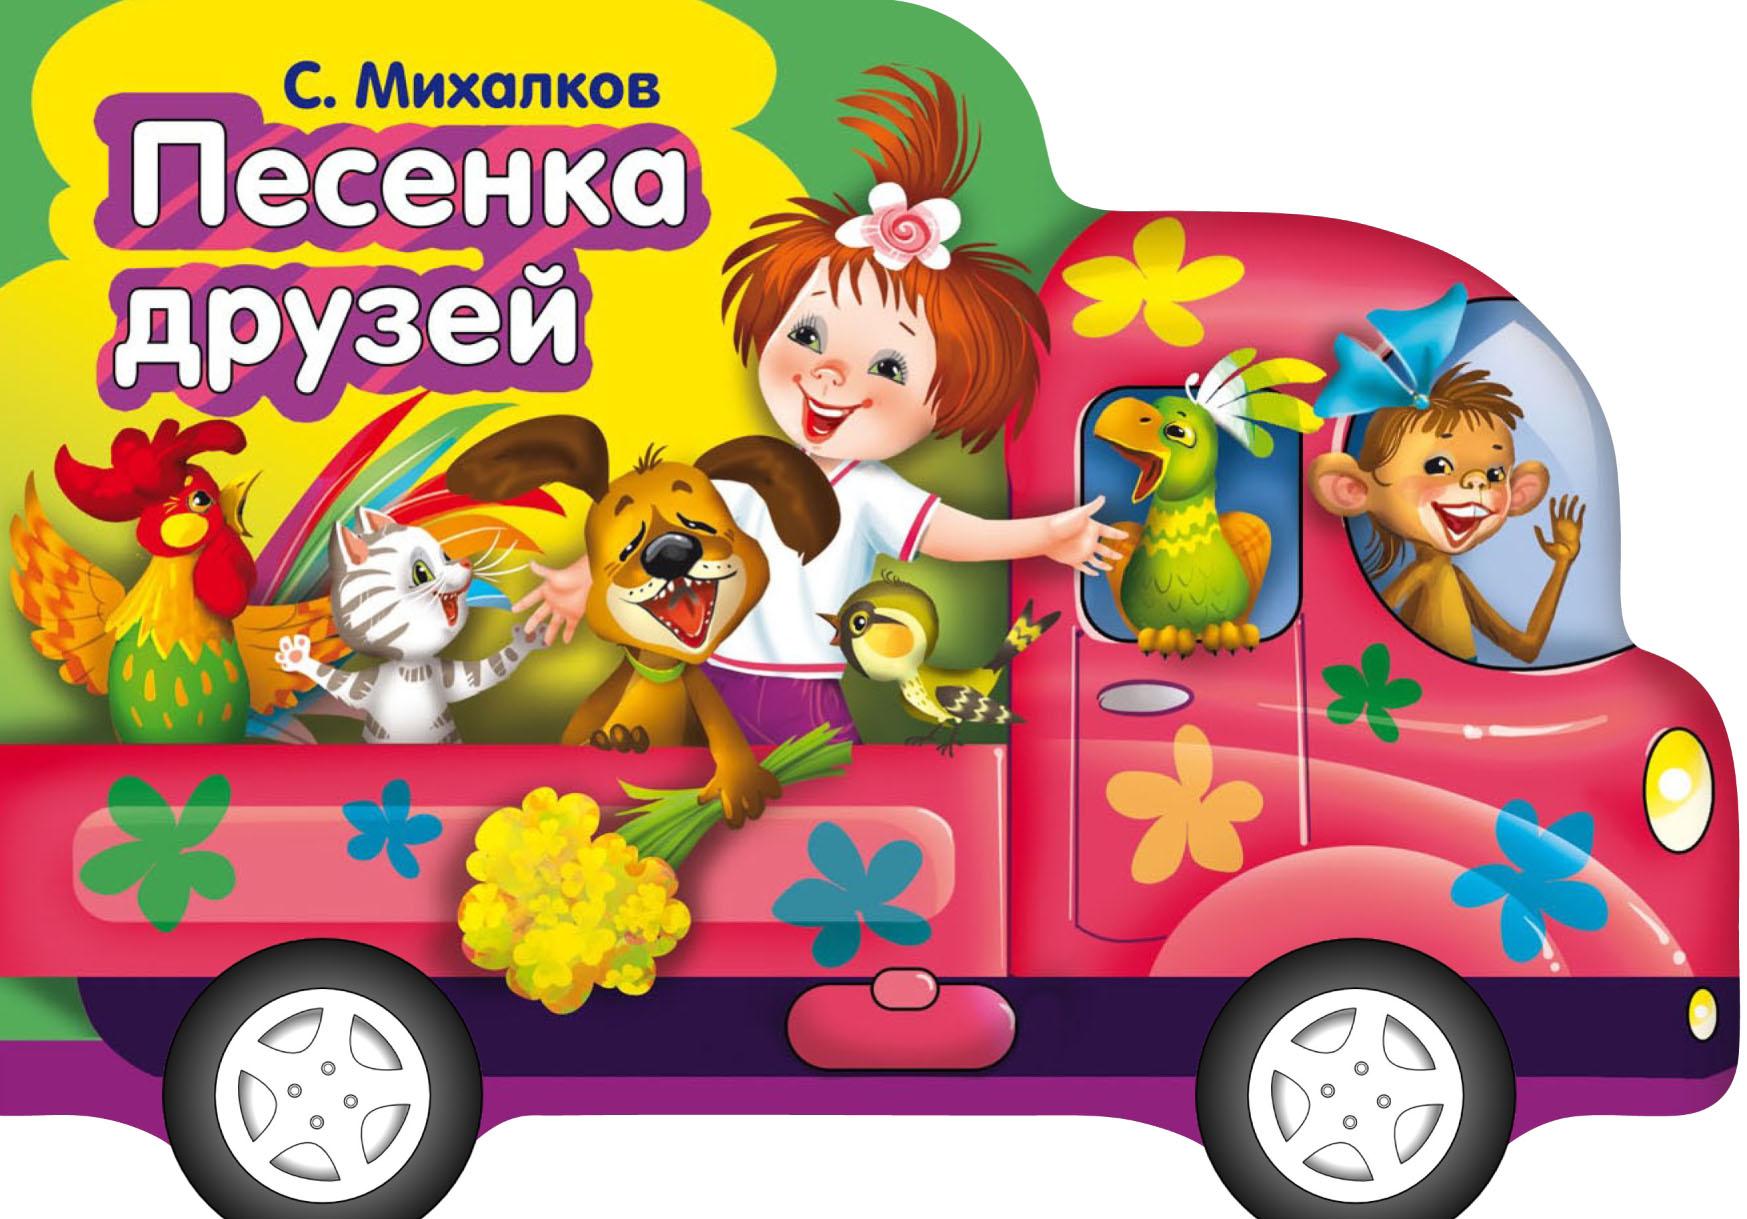 Сергей Михалков Песенка друзей михалков с песенка друзей стихи с игрушками напальчниками